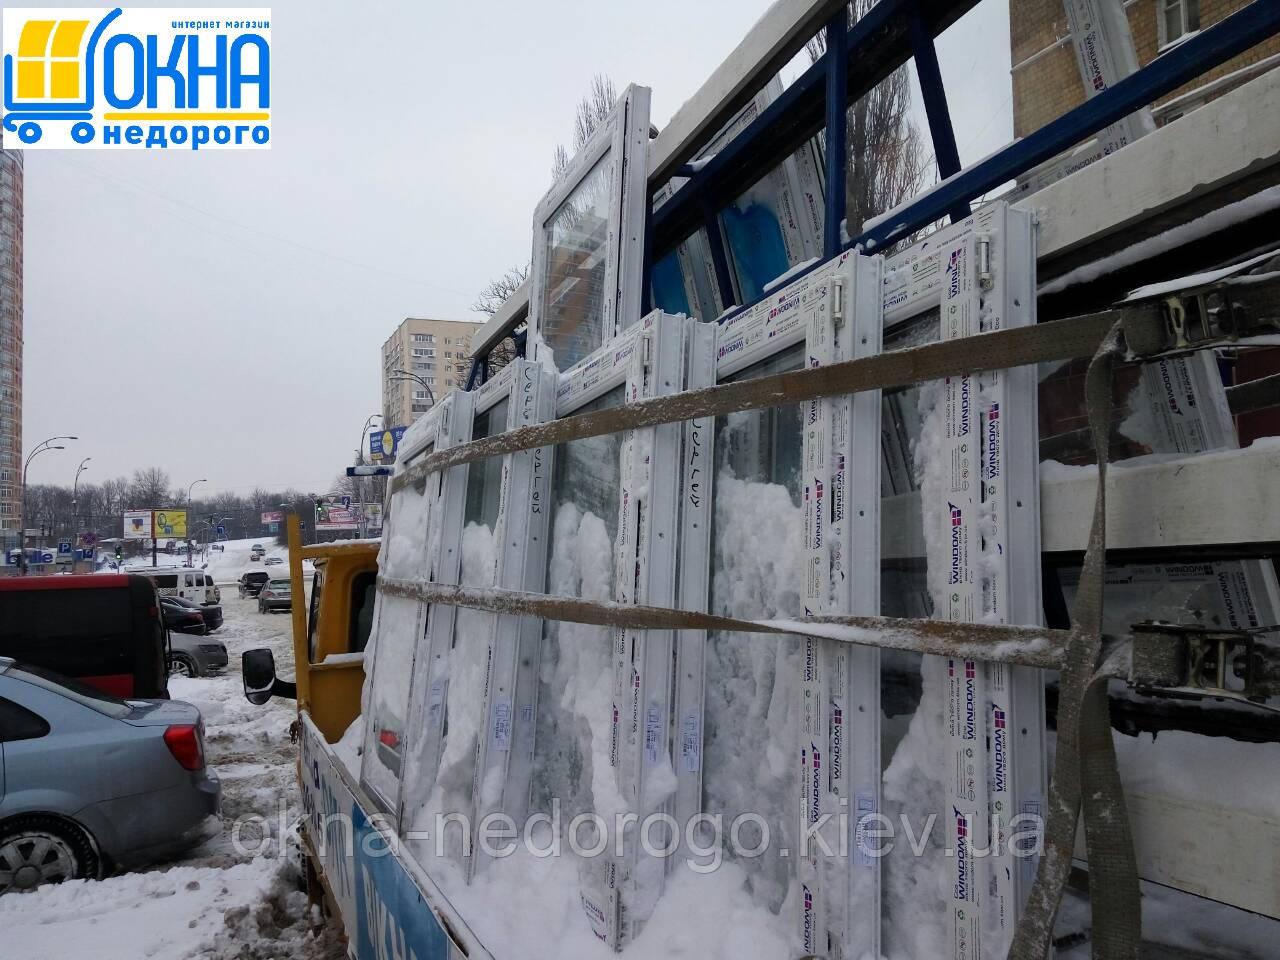 Доставка окон по Киеву и пригороду